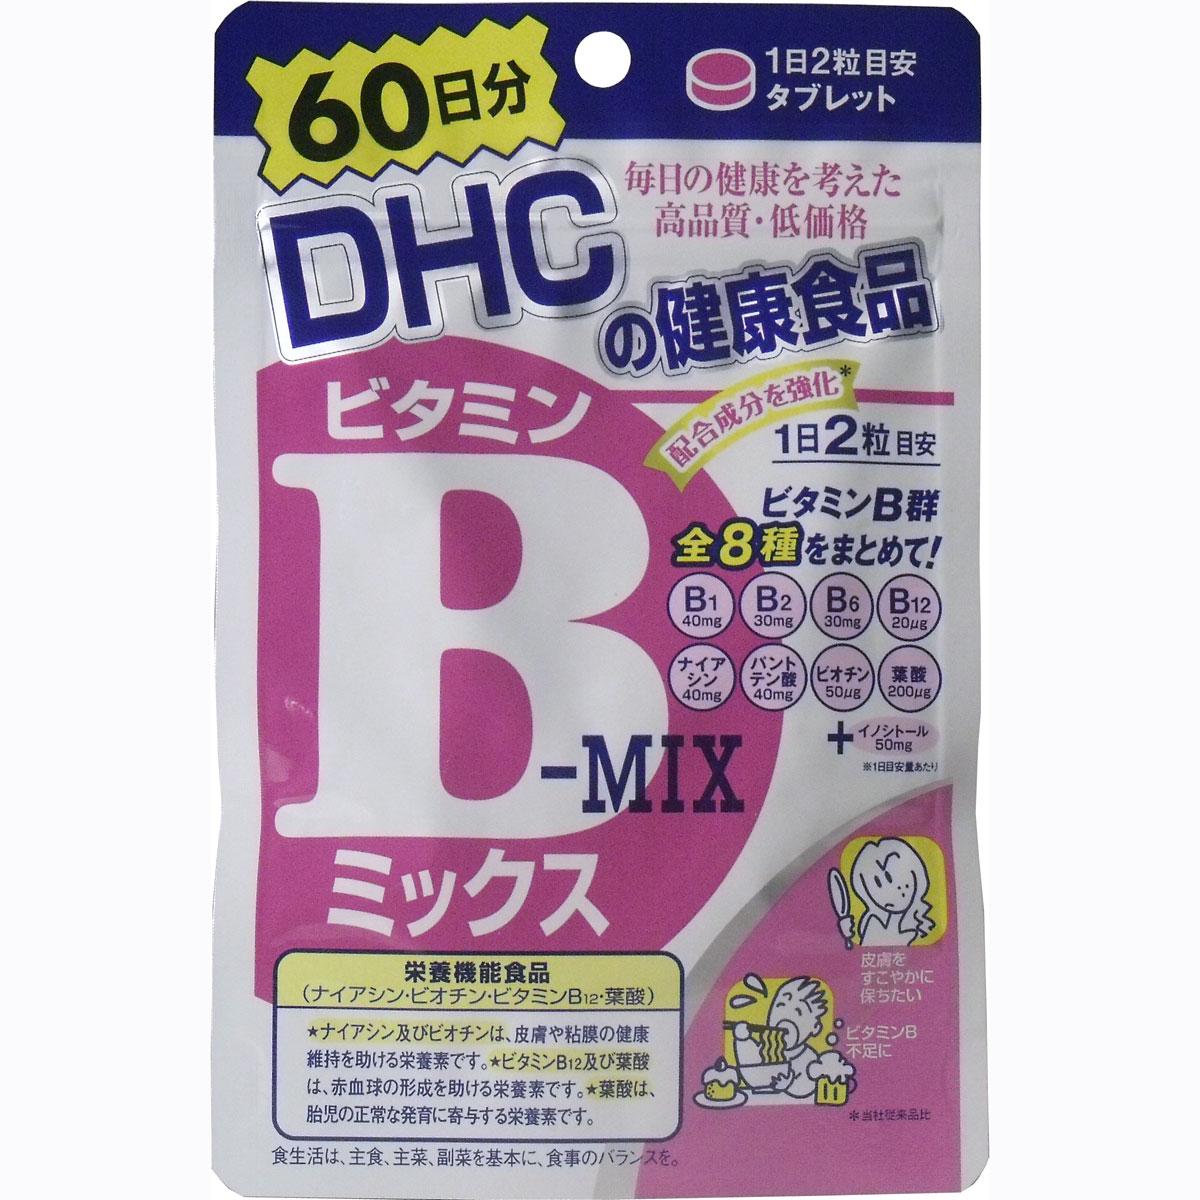 [7月26日まで特価]DHC ビタミンBミックス 120粒 60日分